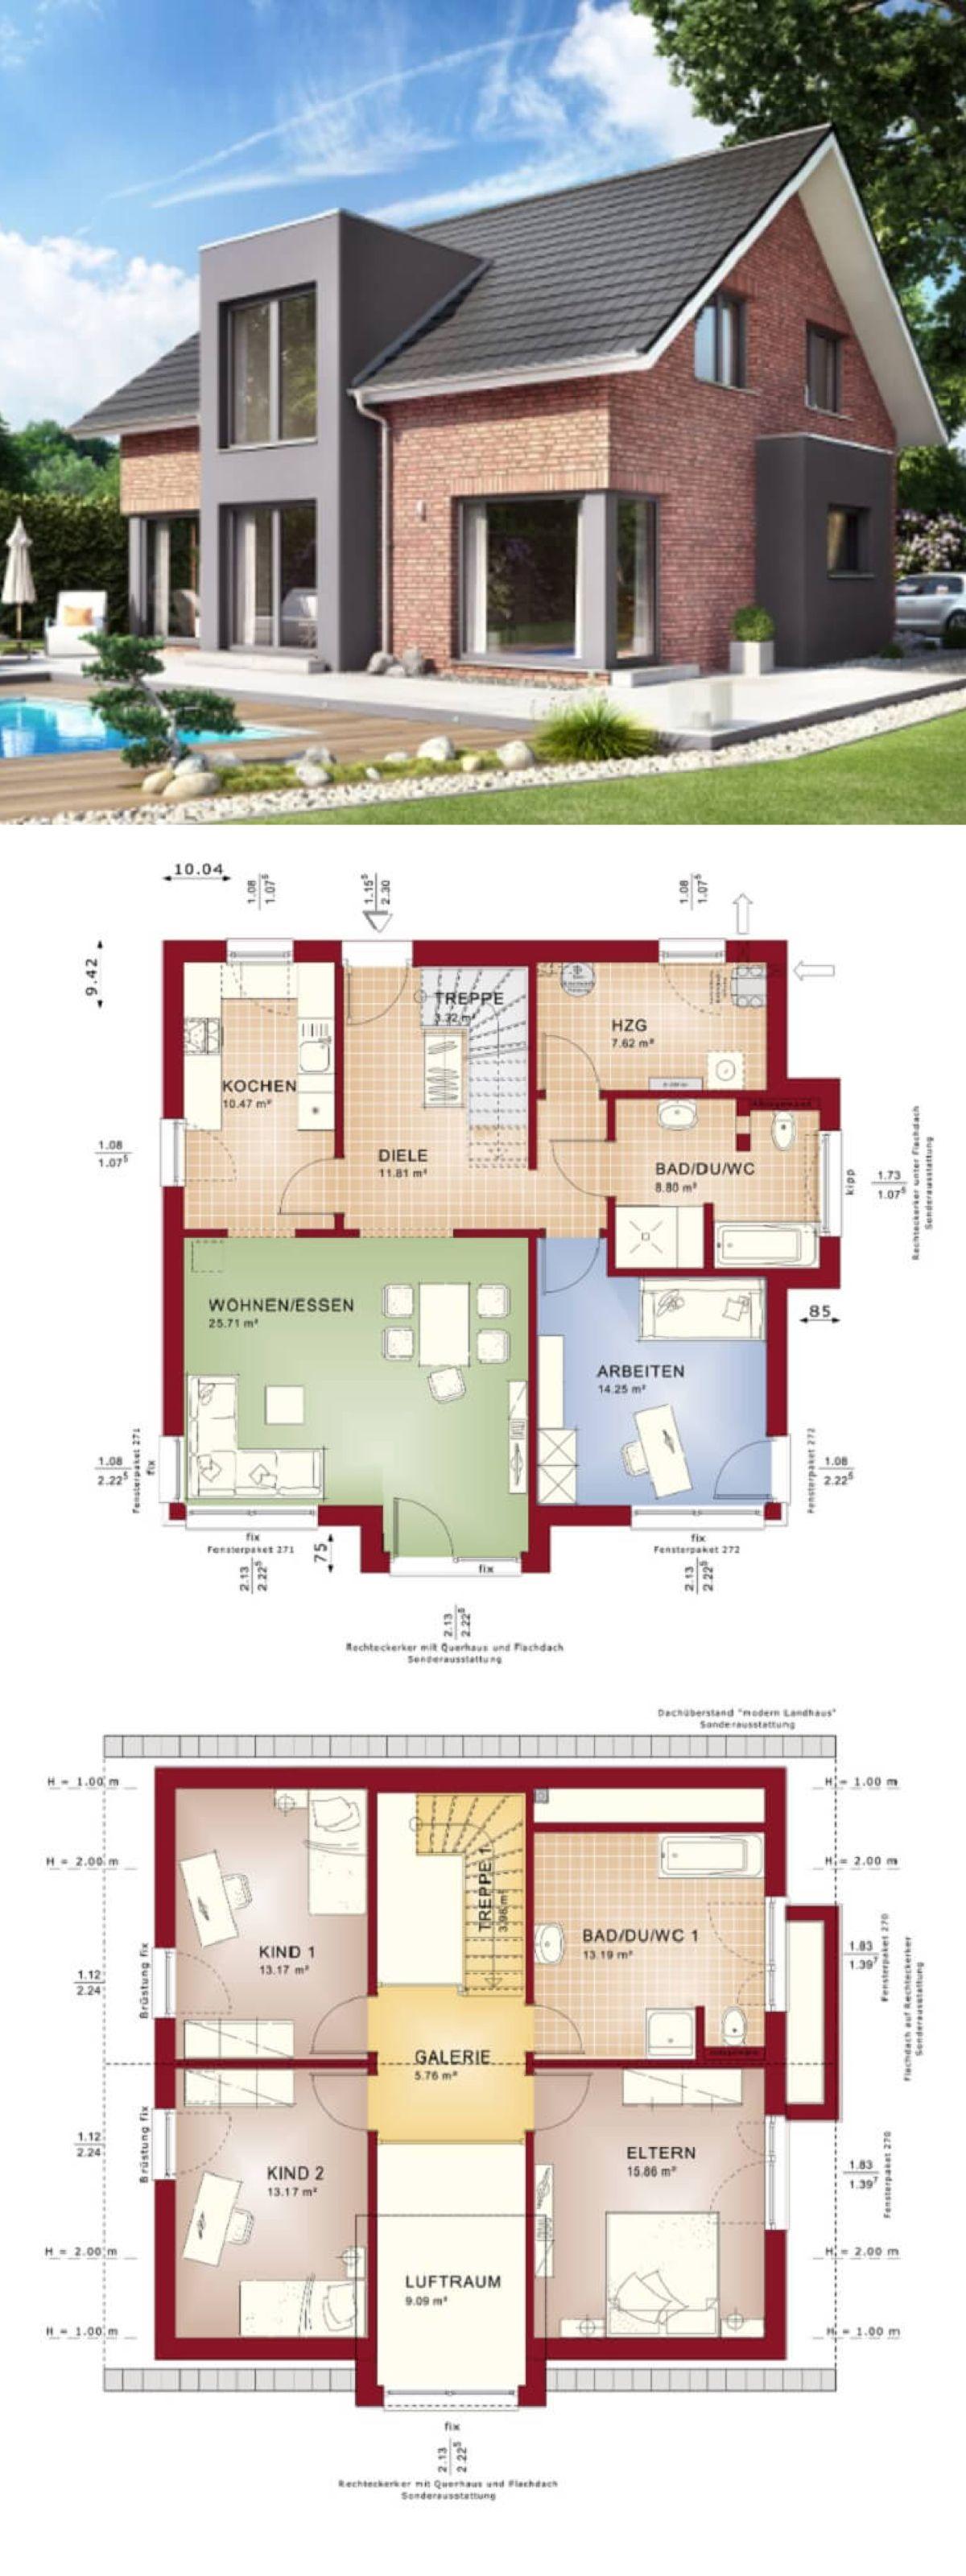 Modernes Haus Mit Galerie Klinker Fassade Und Satteldach